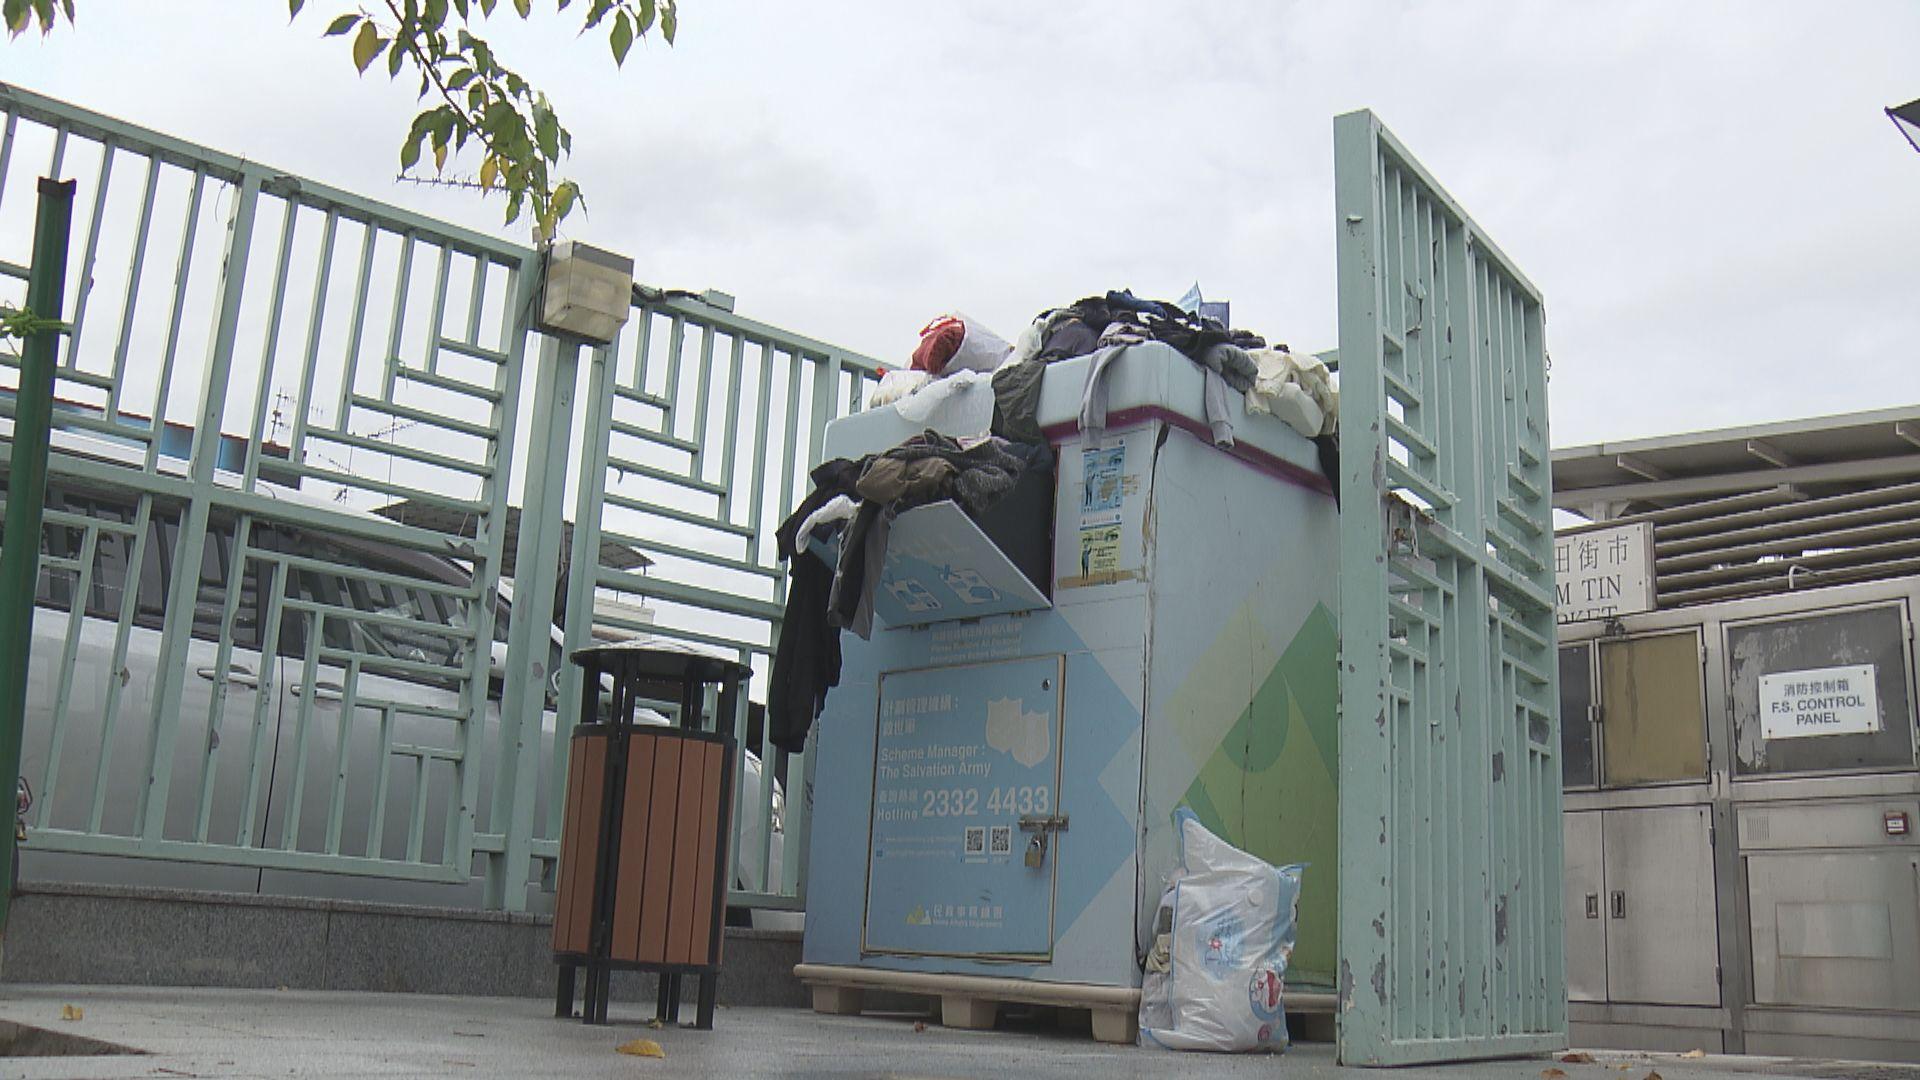 【經緯線本周提要】疫情影響舊衣出口 回收業經營困難